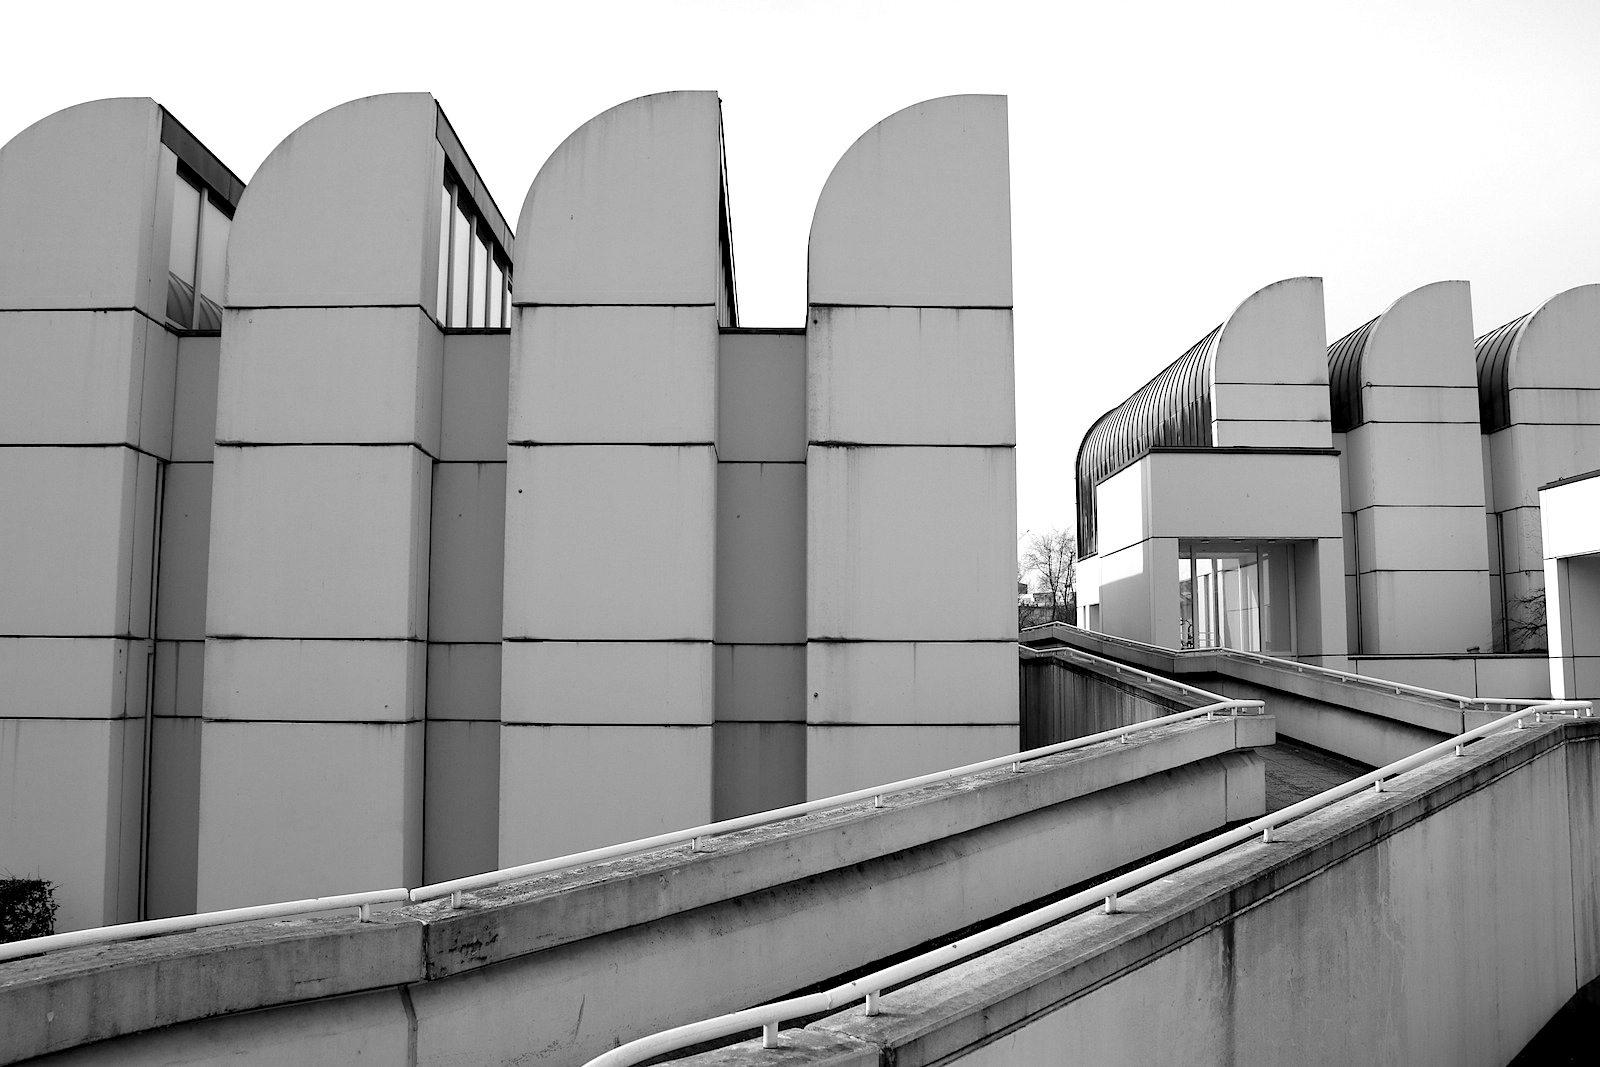 """Bauhaus-Archiv / Museum für Gestaltung.  """"New Bauhaus Chicago: Experiment Fotografie und Film"""" war die letzte Ausstellung vor der Schließung des Bauhaus-Archivs. Sie wurde vom 15.11.2017 bis 5.3.2018 gezeigt."""